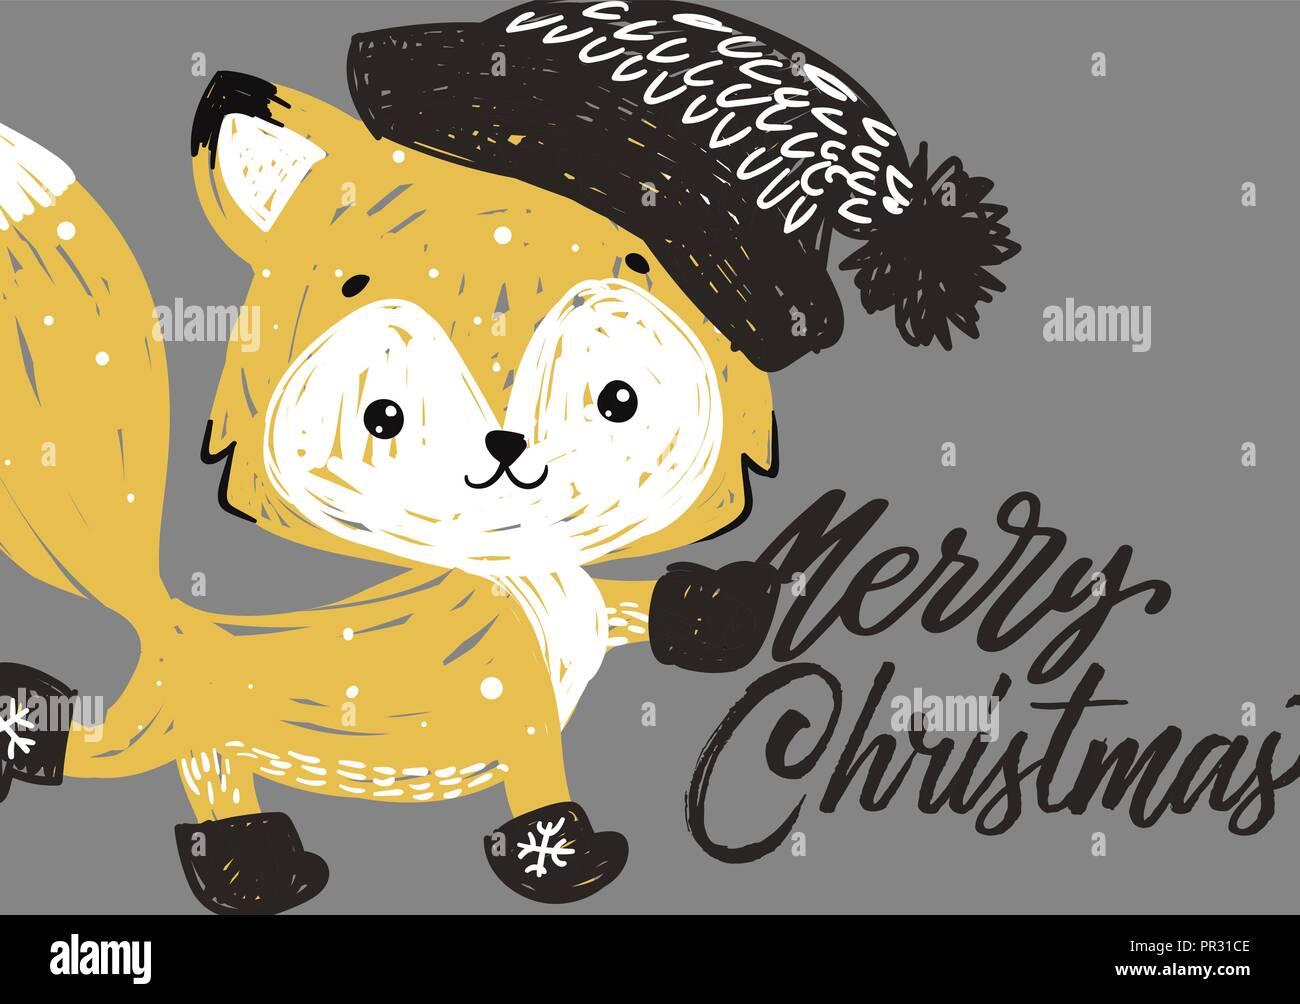 Weihnachten Poster. Vector Illustration. Vorlage für die Begrüßung ...